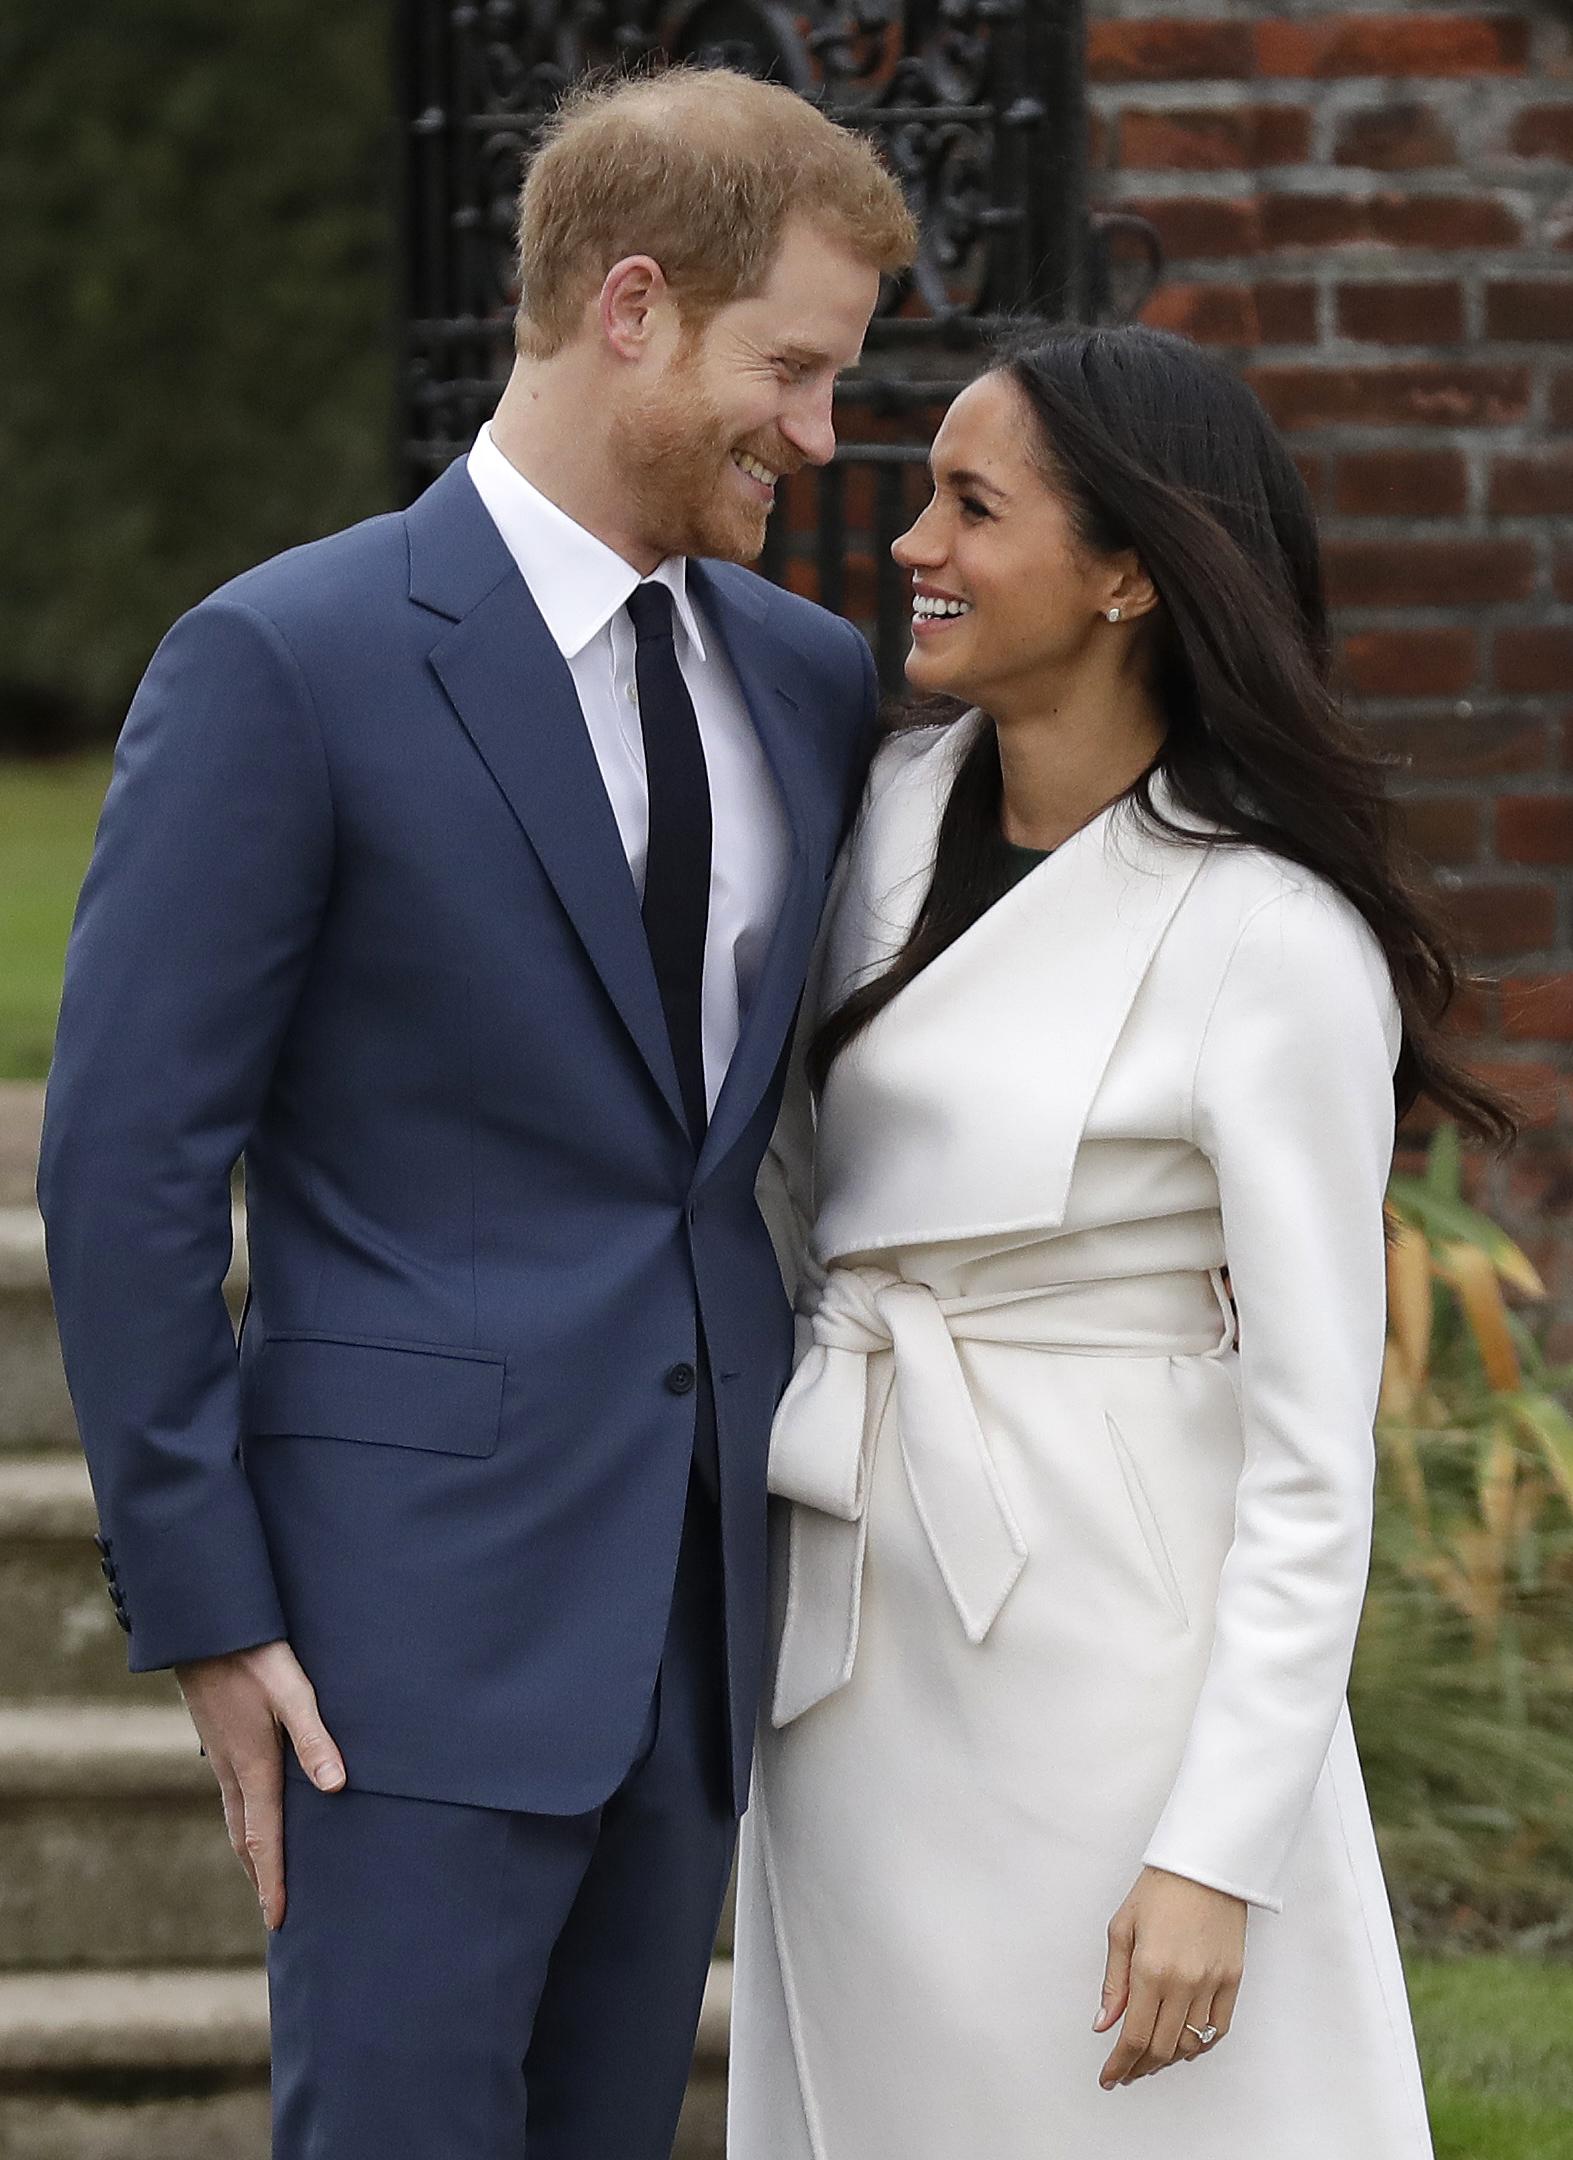 Desde que gritaron su amor a los cuatro vientos, los seguidores de la actriz y de la realeza británica comenzaron a apostar en qué momento oficializarían el compromiso, lo que ocurrió el 27 de noviembre de 2017.  La boda se celebraría en la próxima primavera. (Archivo)